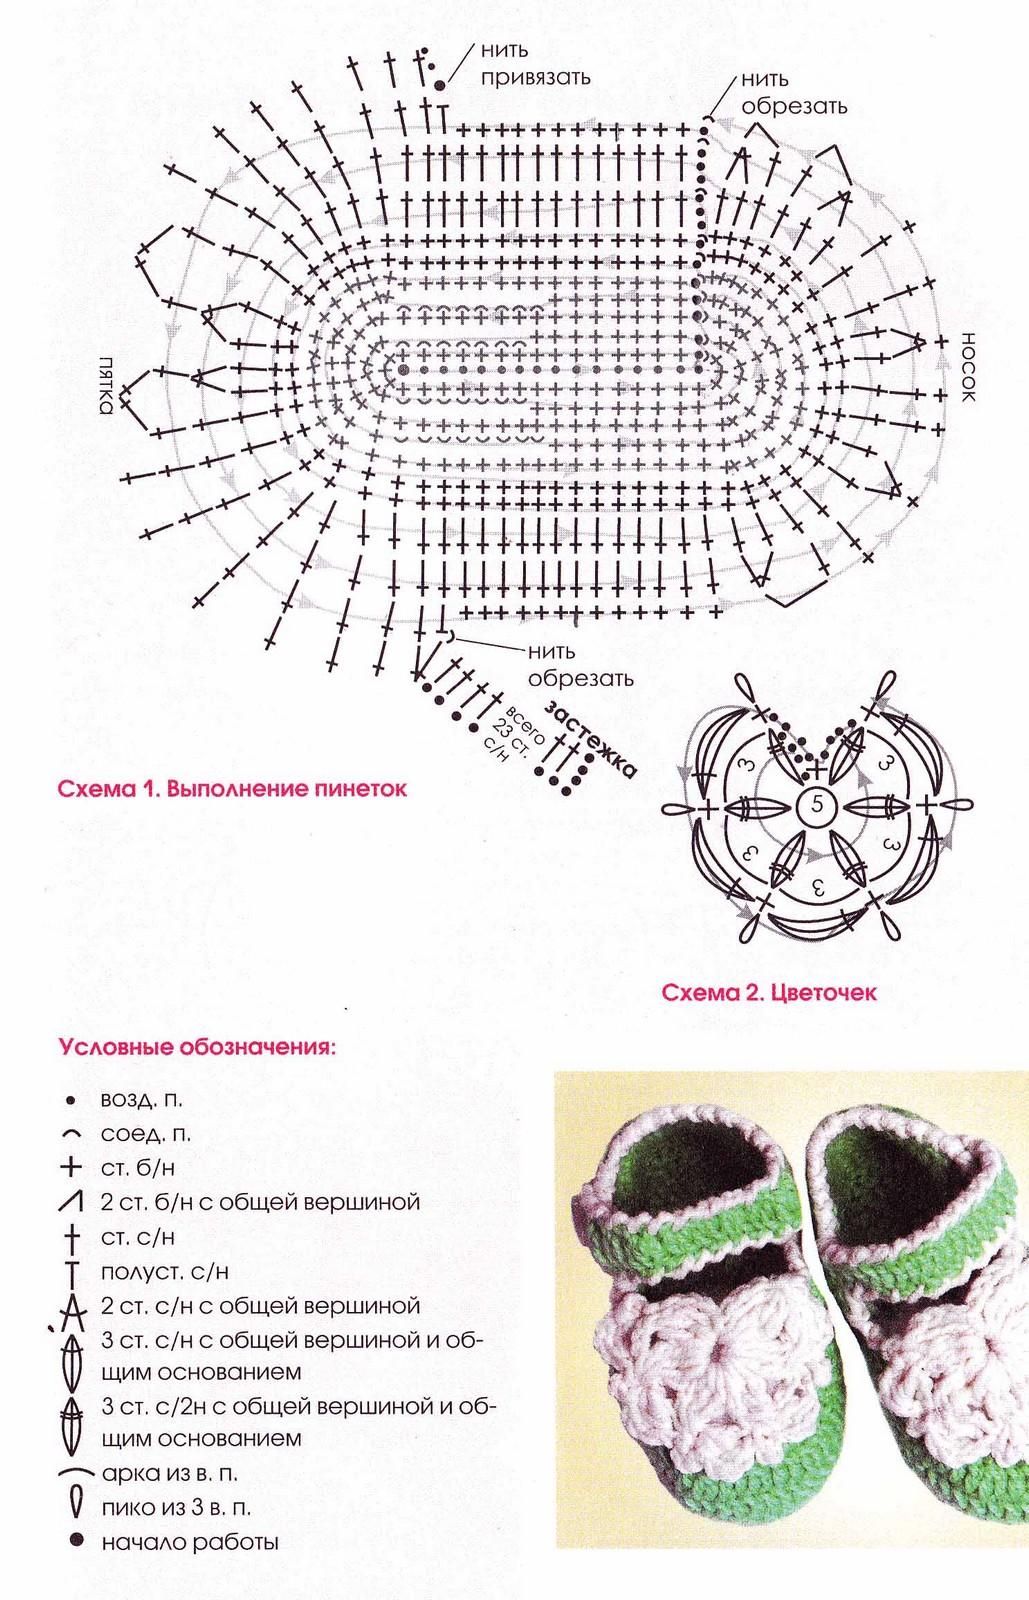 Цветок на пинетки крючком схема